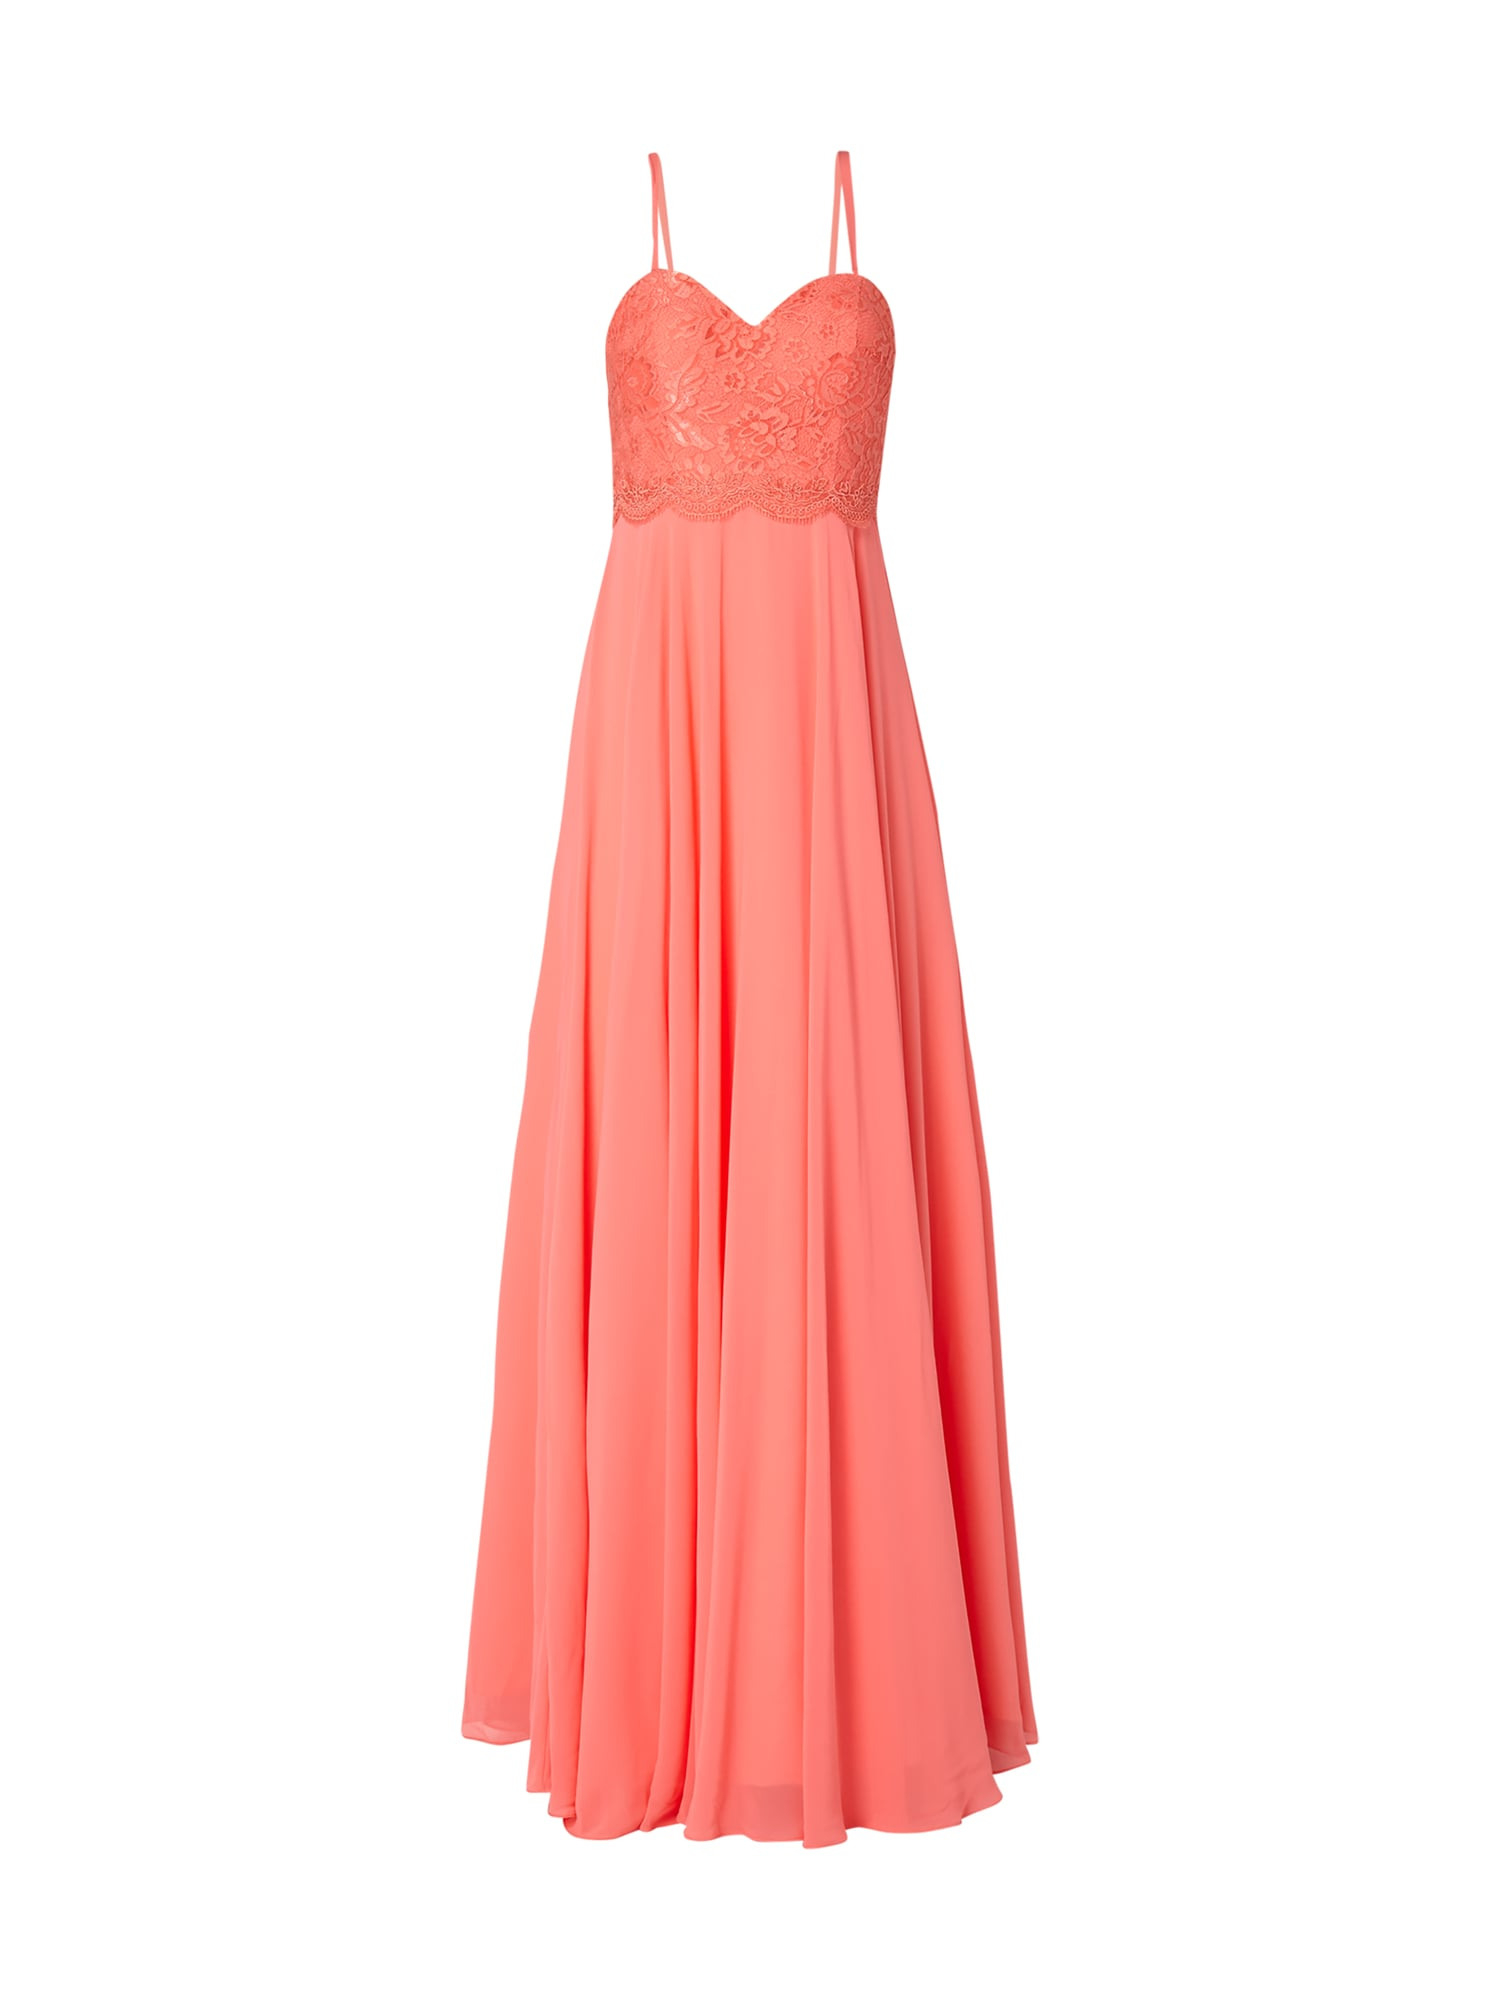 Spektakulär Kleid Koralle Spitze Vertrieb20 Coolste Kleid Koralle Spitze Ärmel